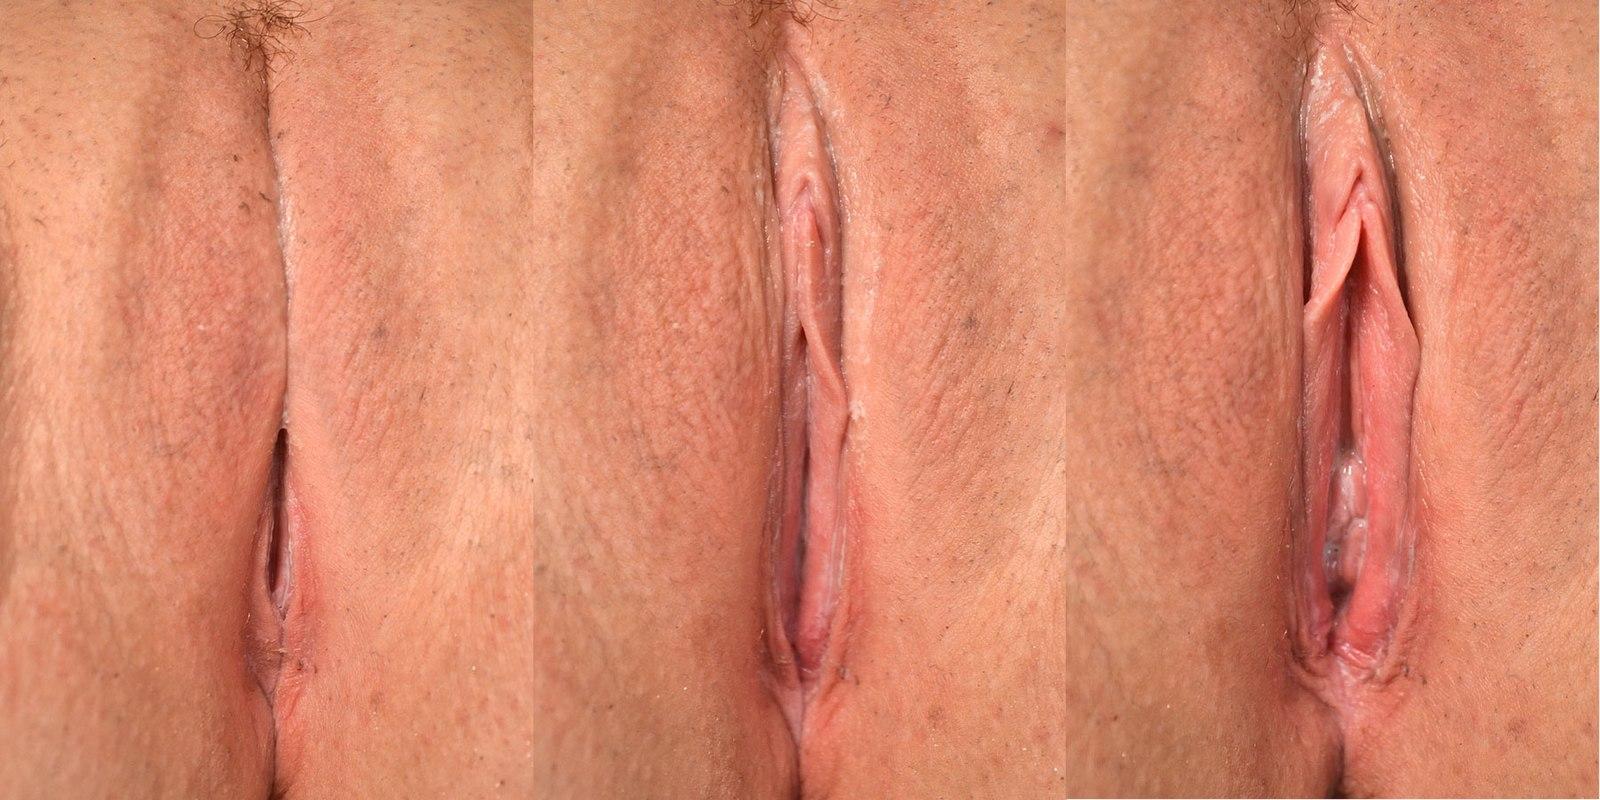 zhenskiy-genitaliy-foto-appetitnie-devushki-v-sekse